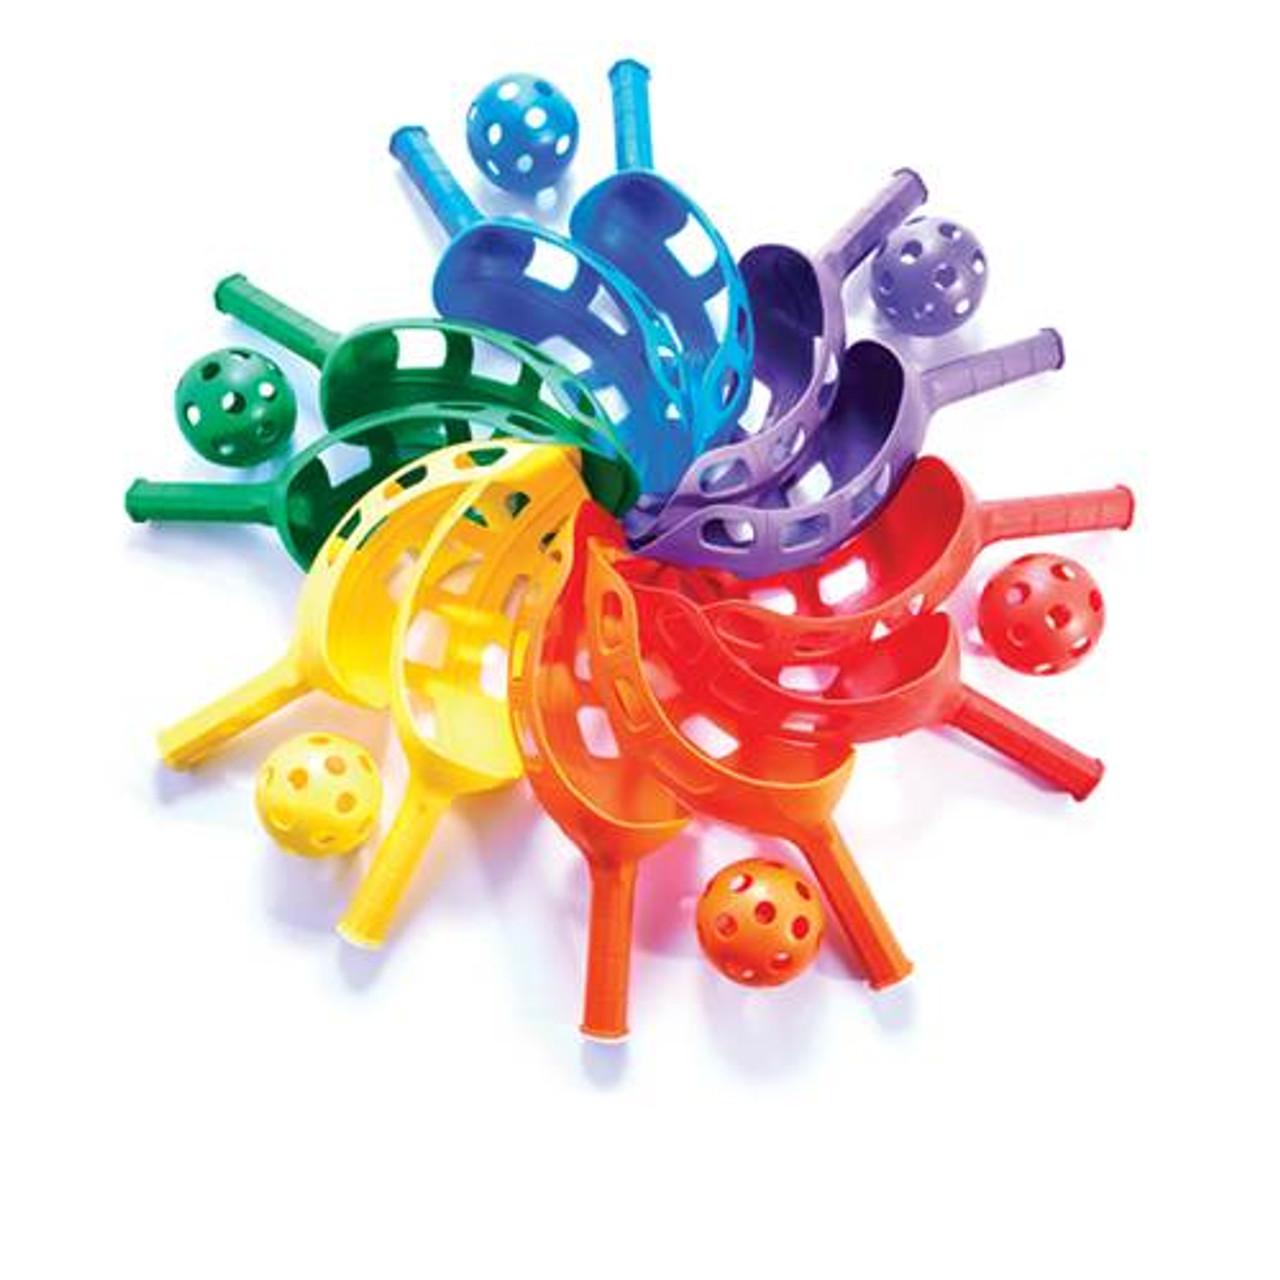 Fun-Air Scoop Ball Set of 6